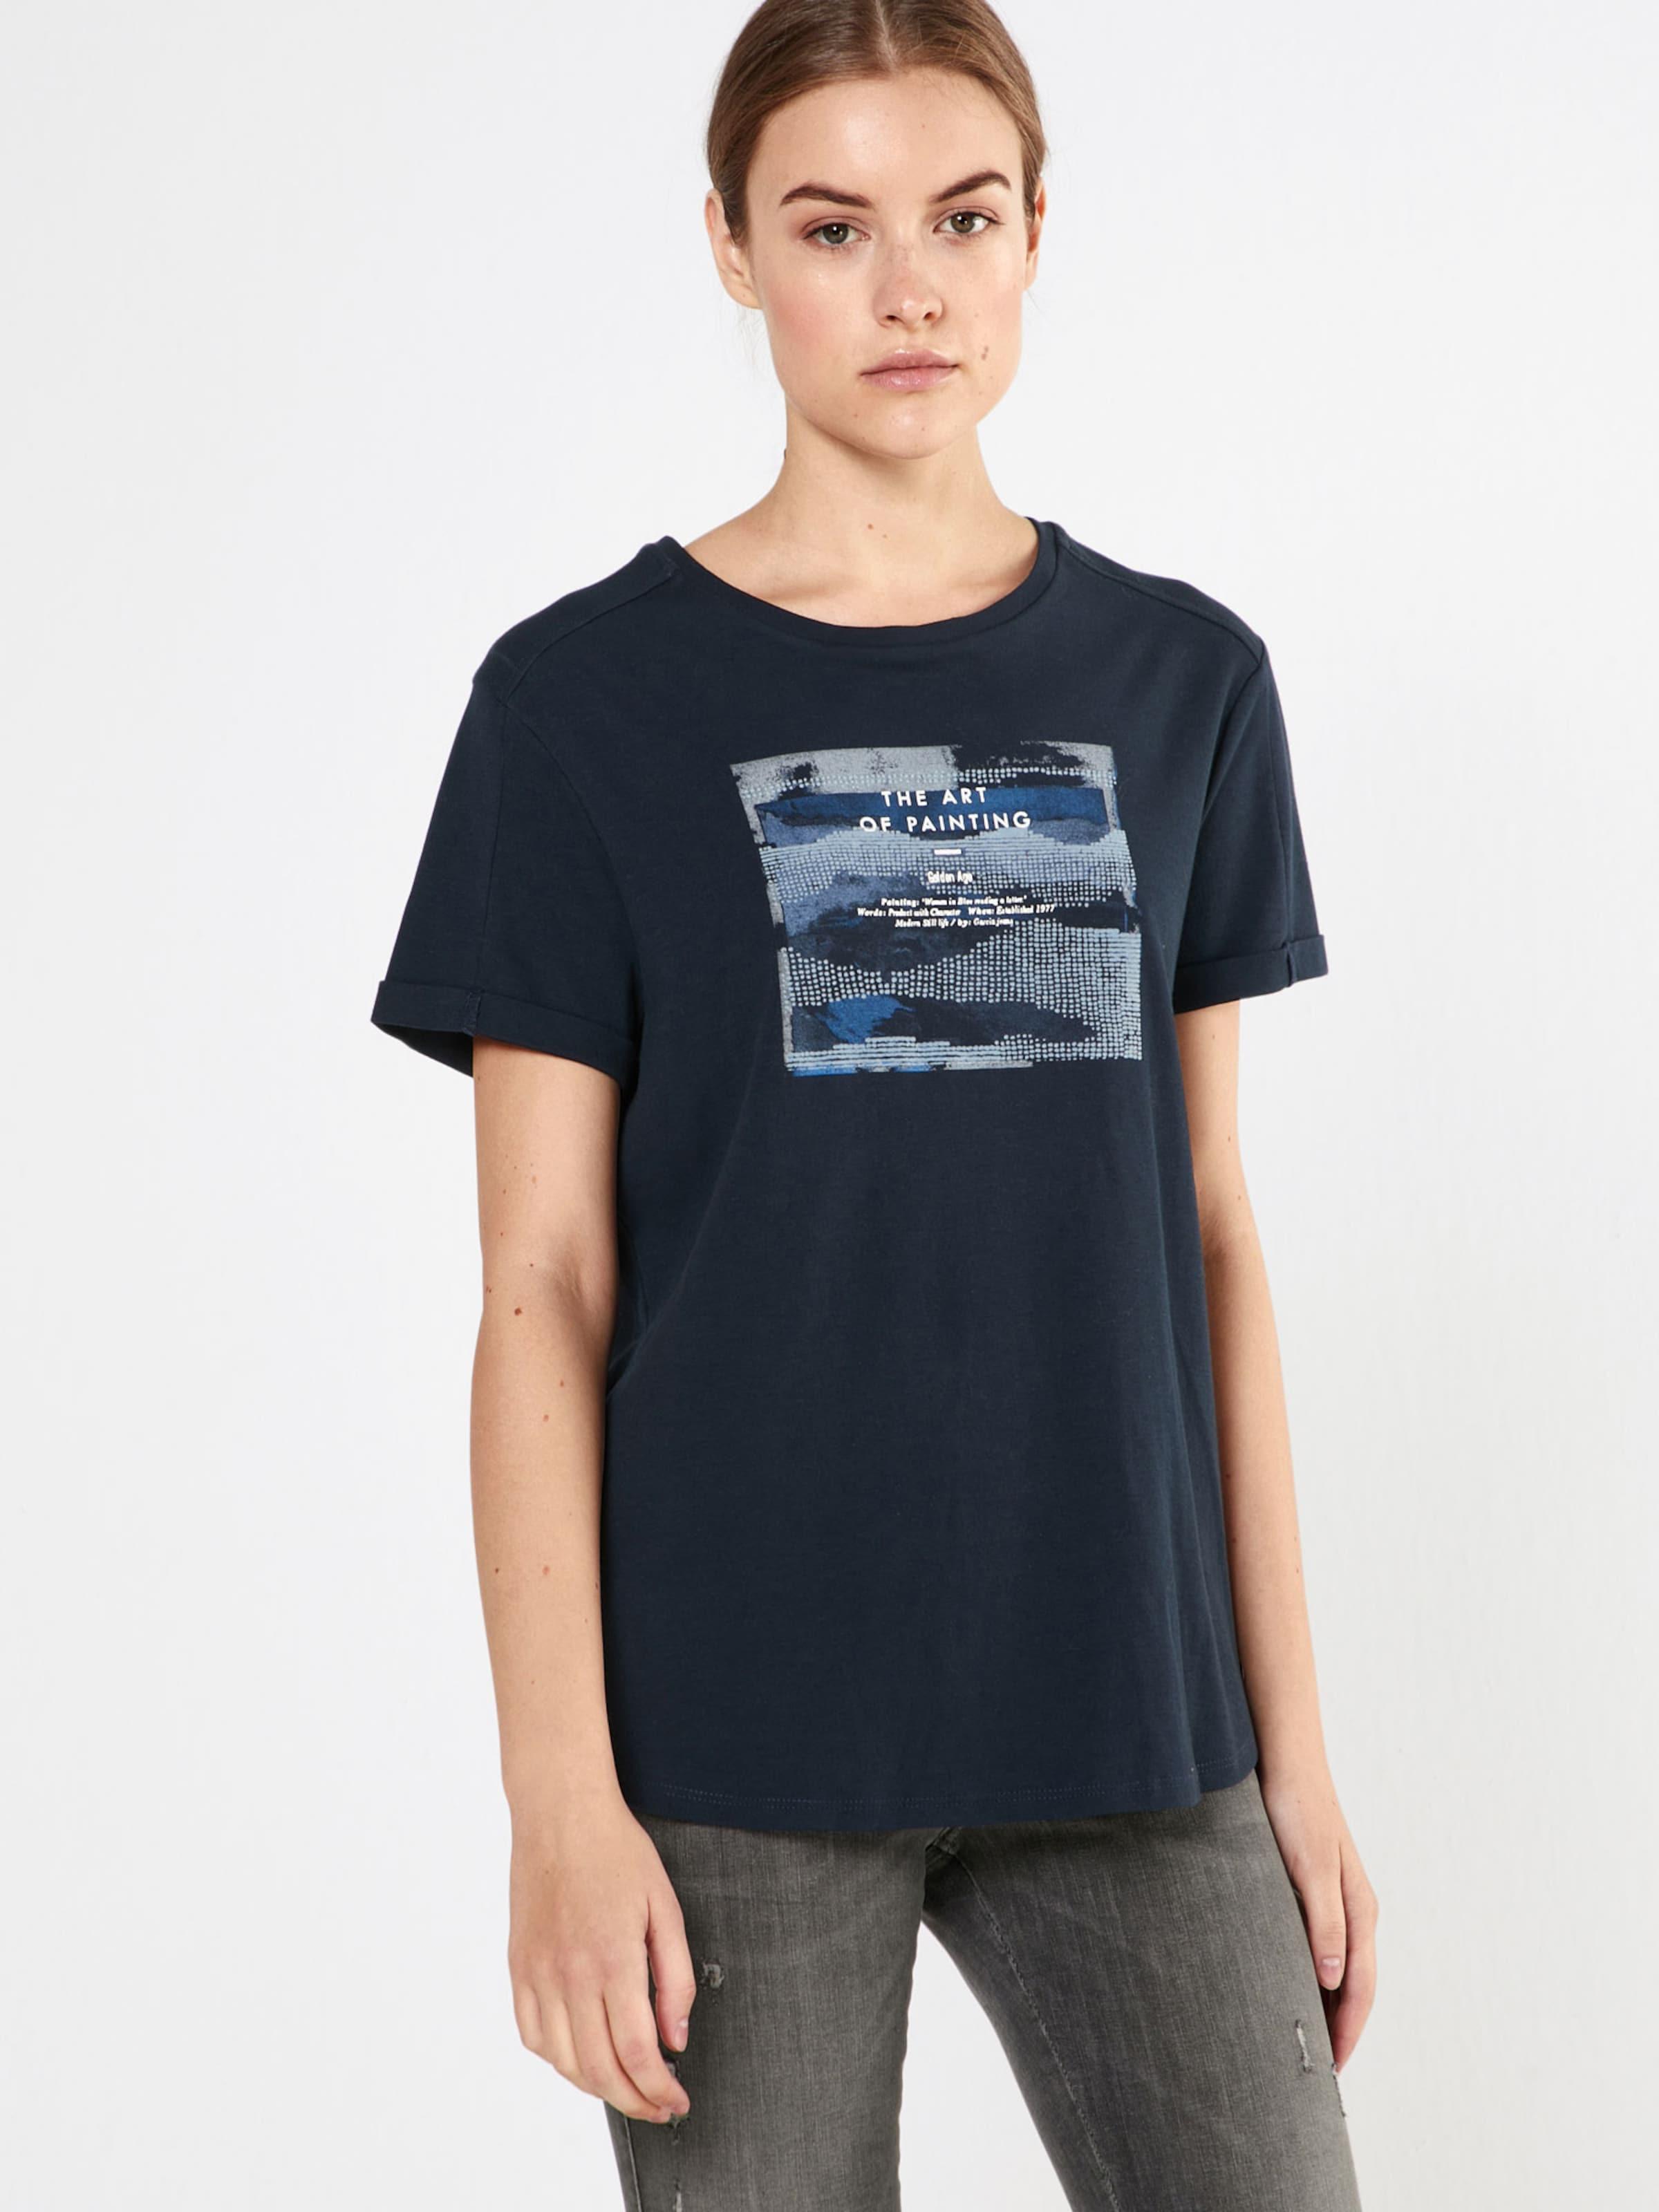 Exklusiver Günstiger Preis GARCIA Casual T-Shirt Kostengünstig In Deutschland Rabatt Angebote VS4wVj